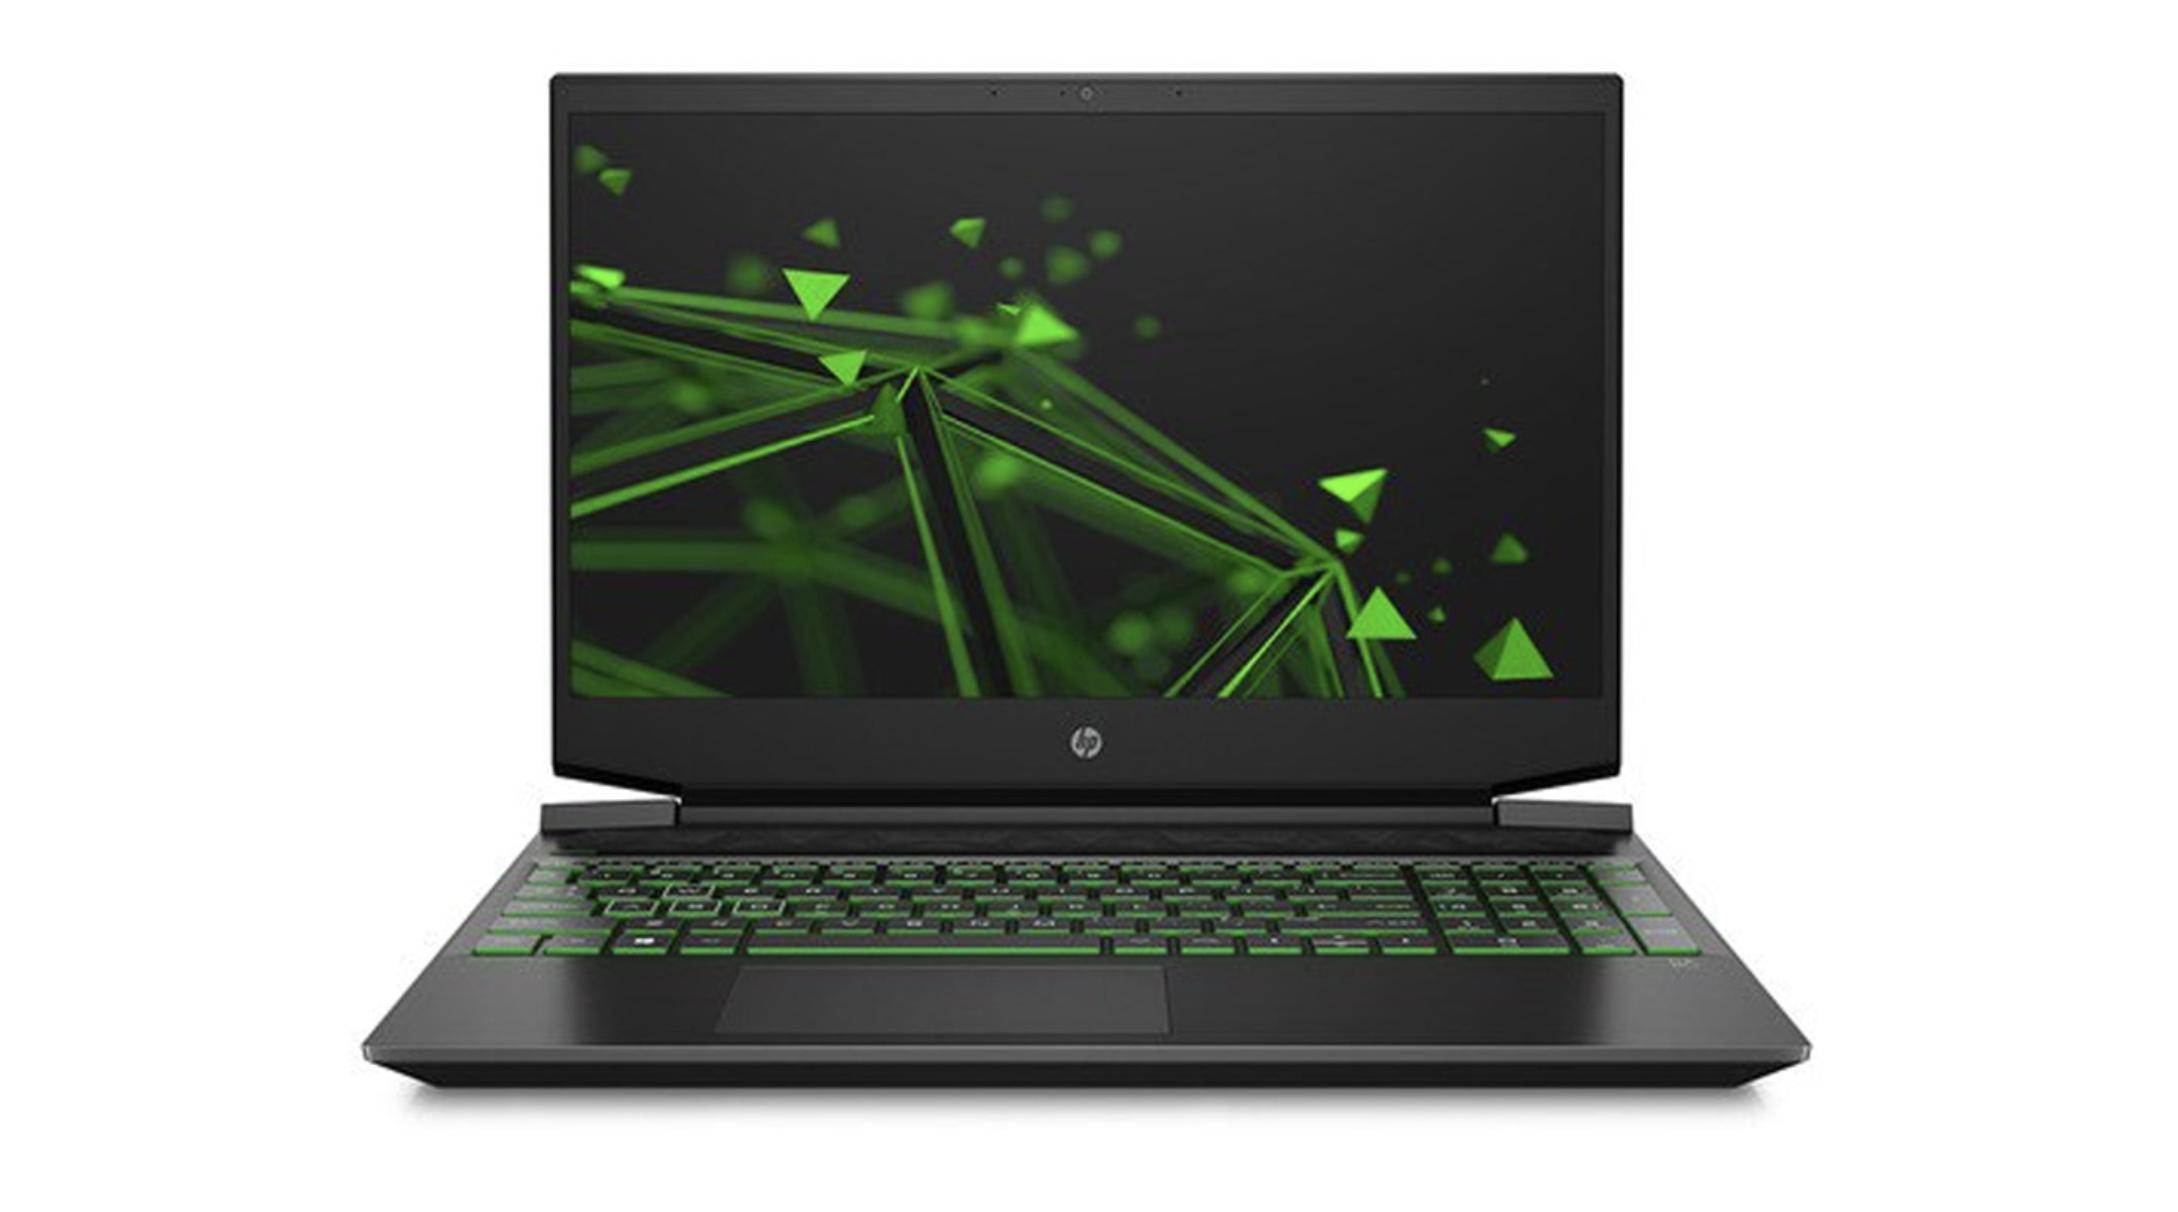 Portátil HP Pavilion Gaming 15-ec2007ns, AMD Ryzen 5, 16GB, 512 GB SSD, GeForce GTX 1650 4GB, FreeDOS / Sin Sistema Operativo